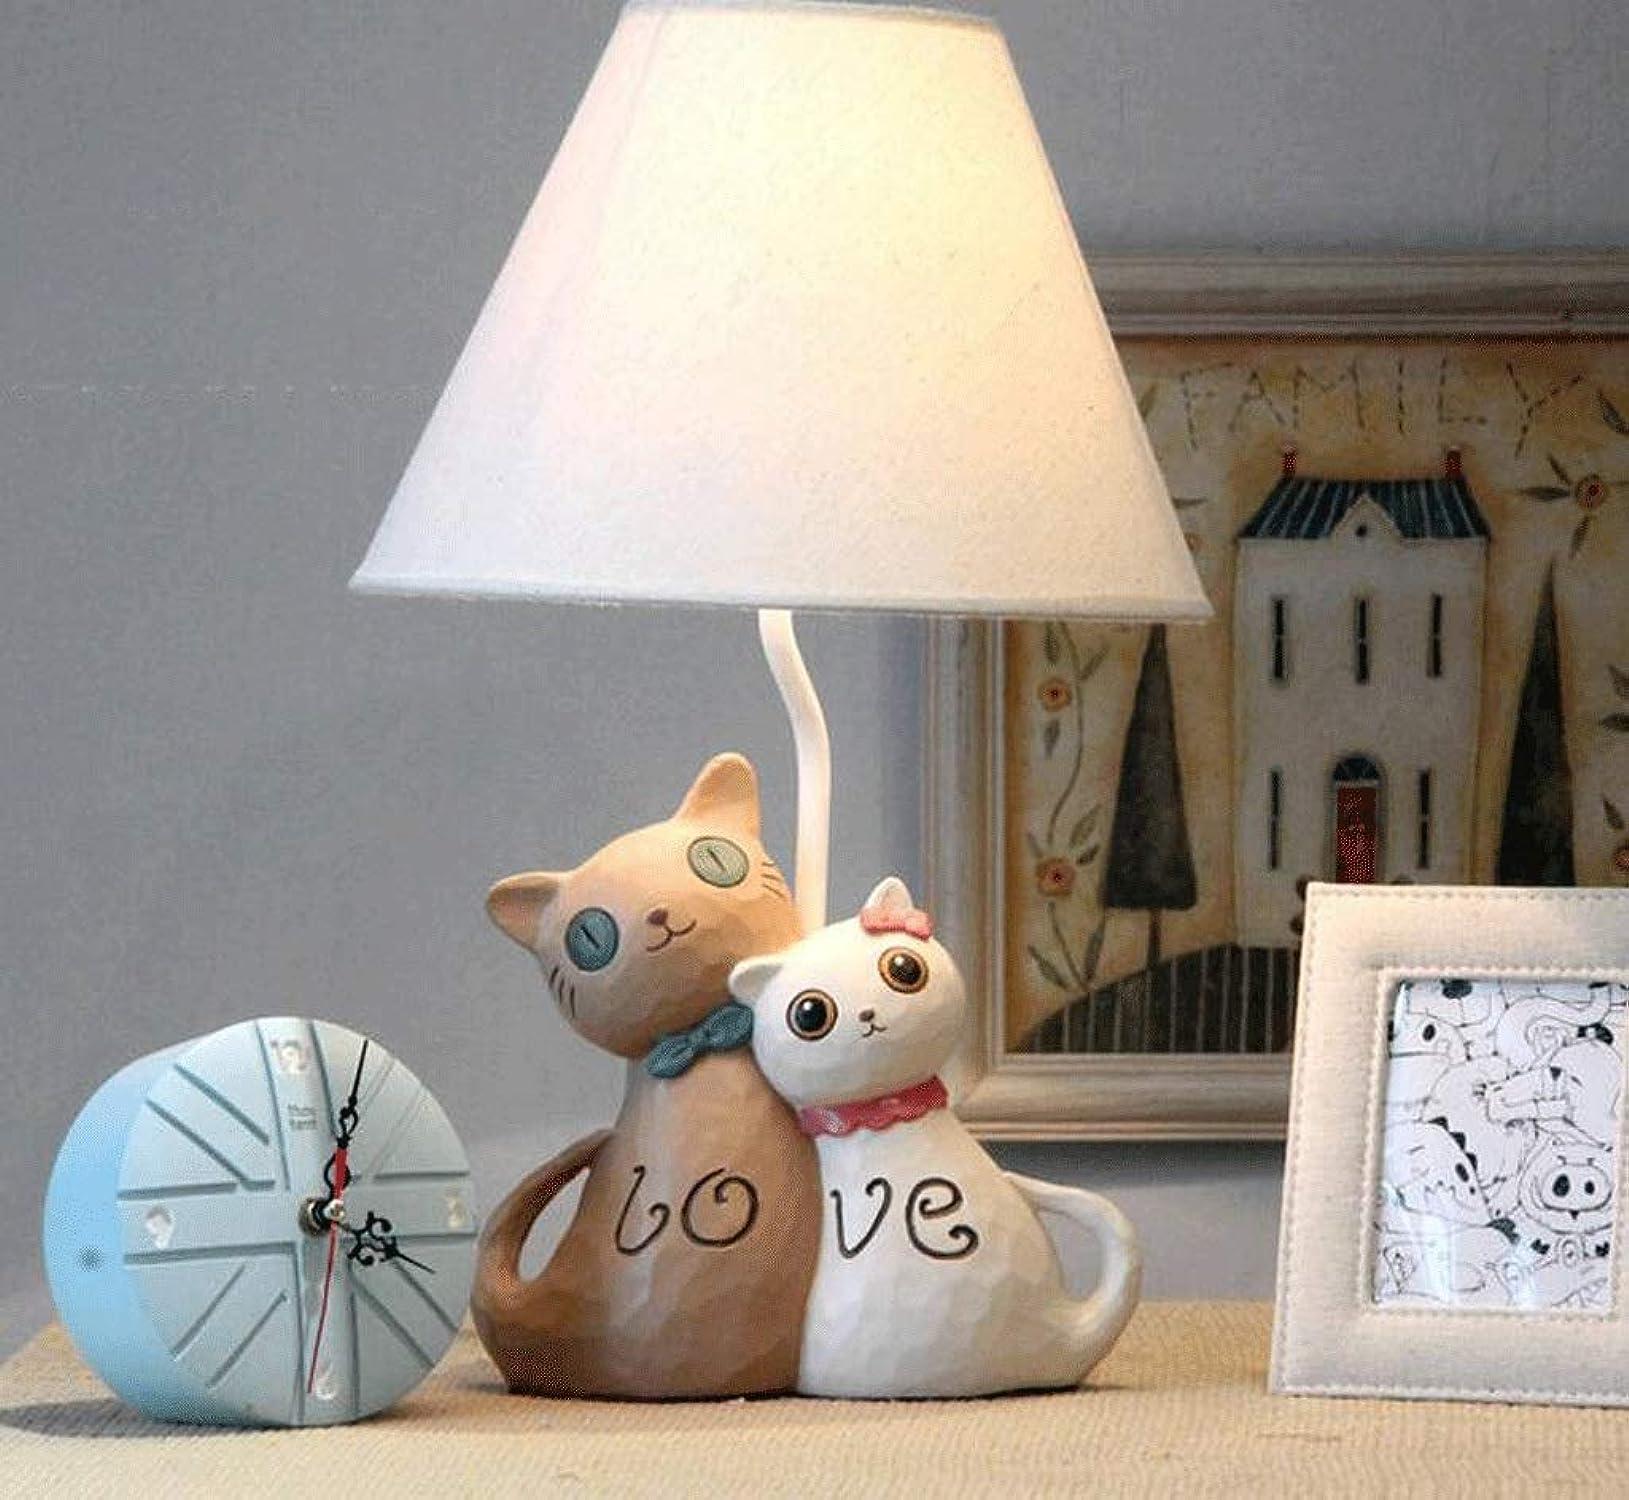 forma única TXXM Lámparas de escritorio Lámpara de de de Mesa de Regalo de cumpleaos de la Boda lámpara de cabecera del Dormitorio Regalo de la Manera romántica Linda cálida lámpara de Mesa de la lámpara E27 LED  venta caliente